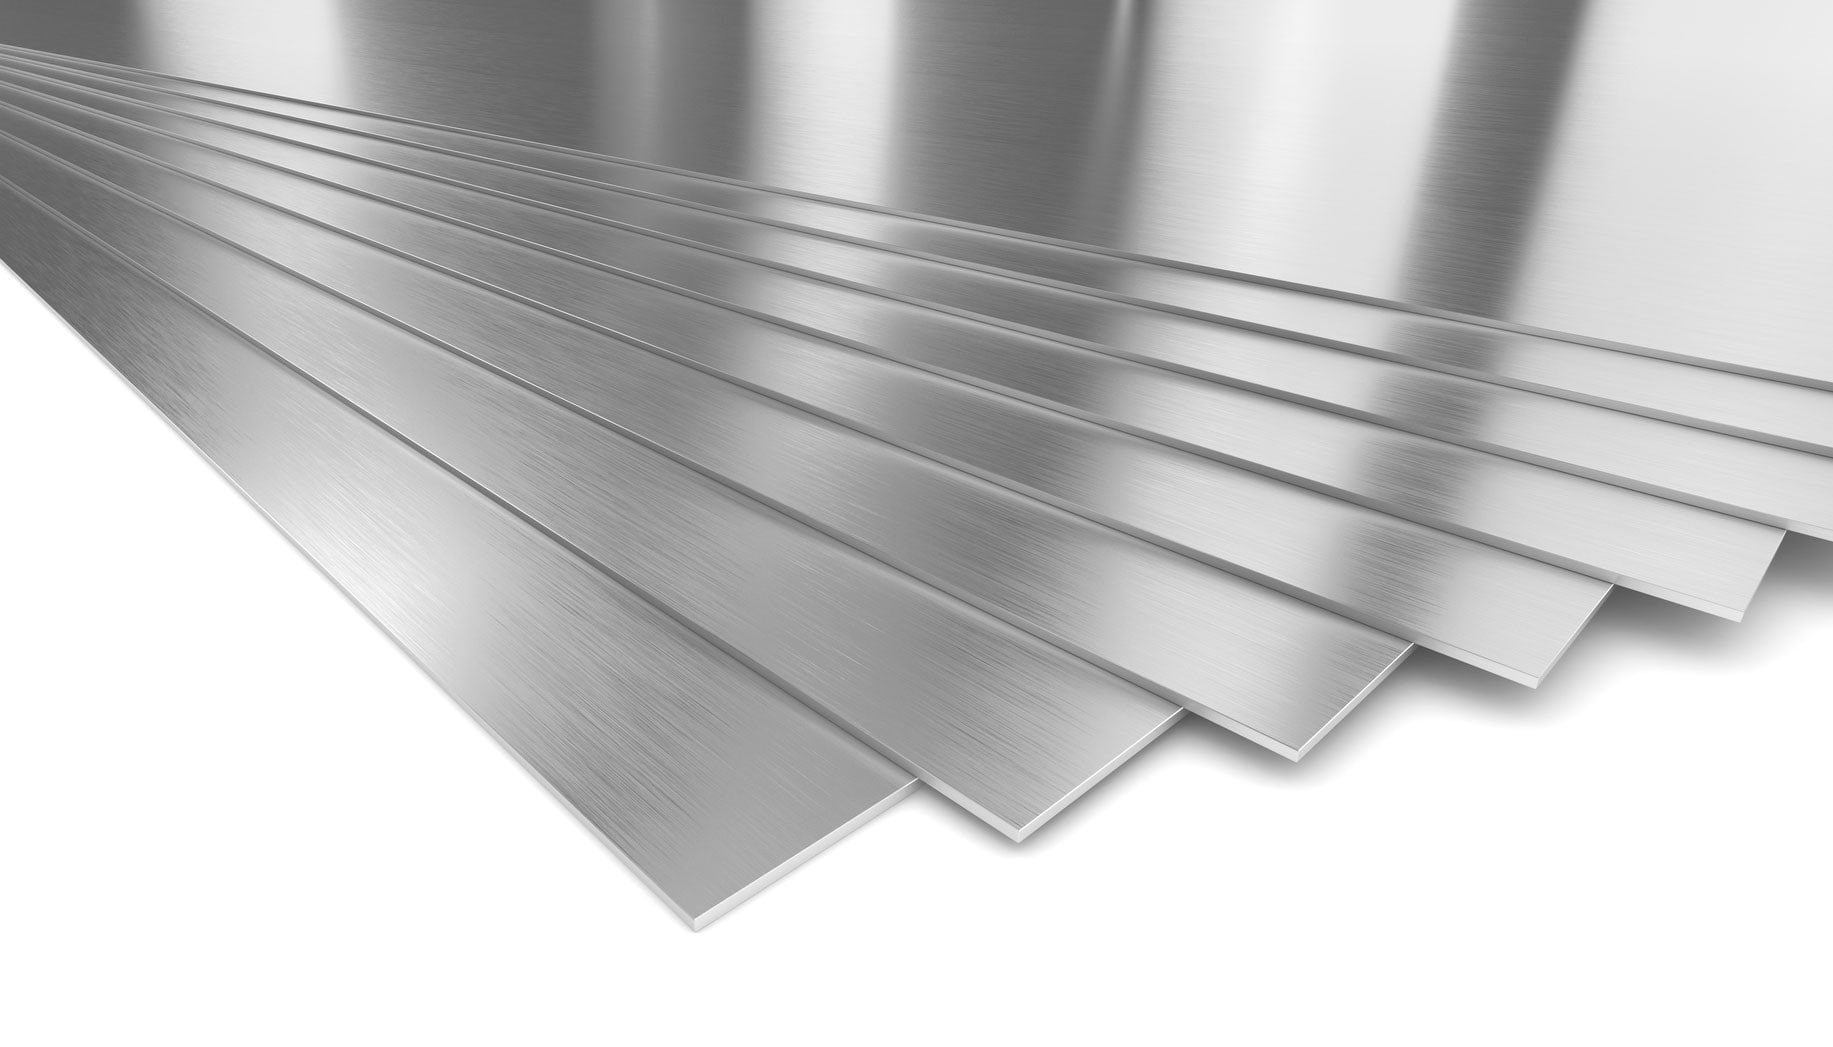 ورق های فولادی به شکل استیل